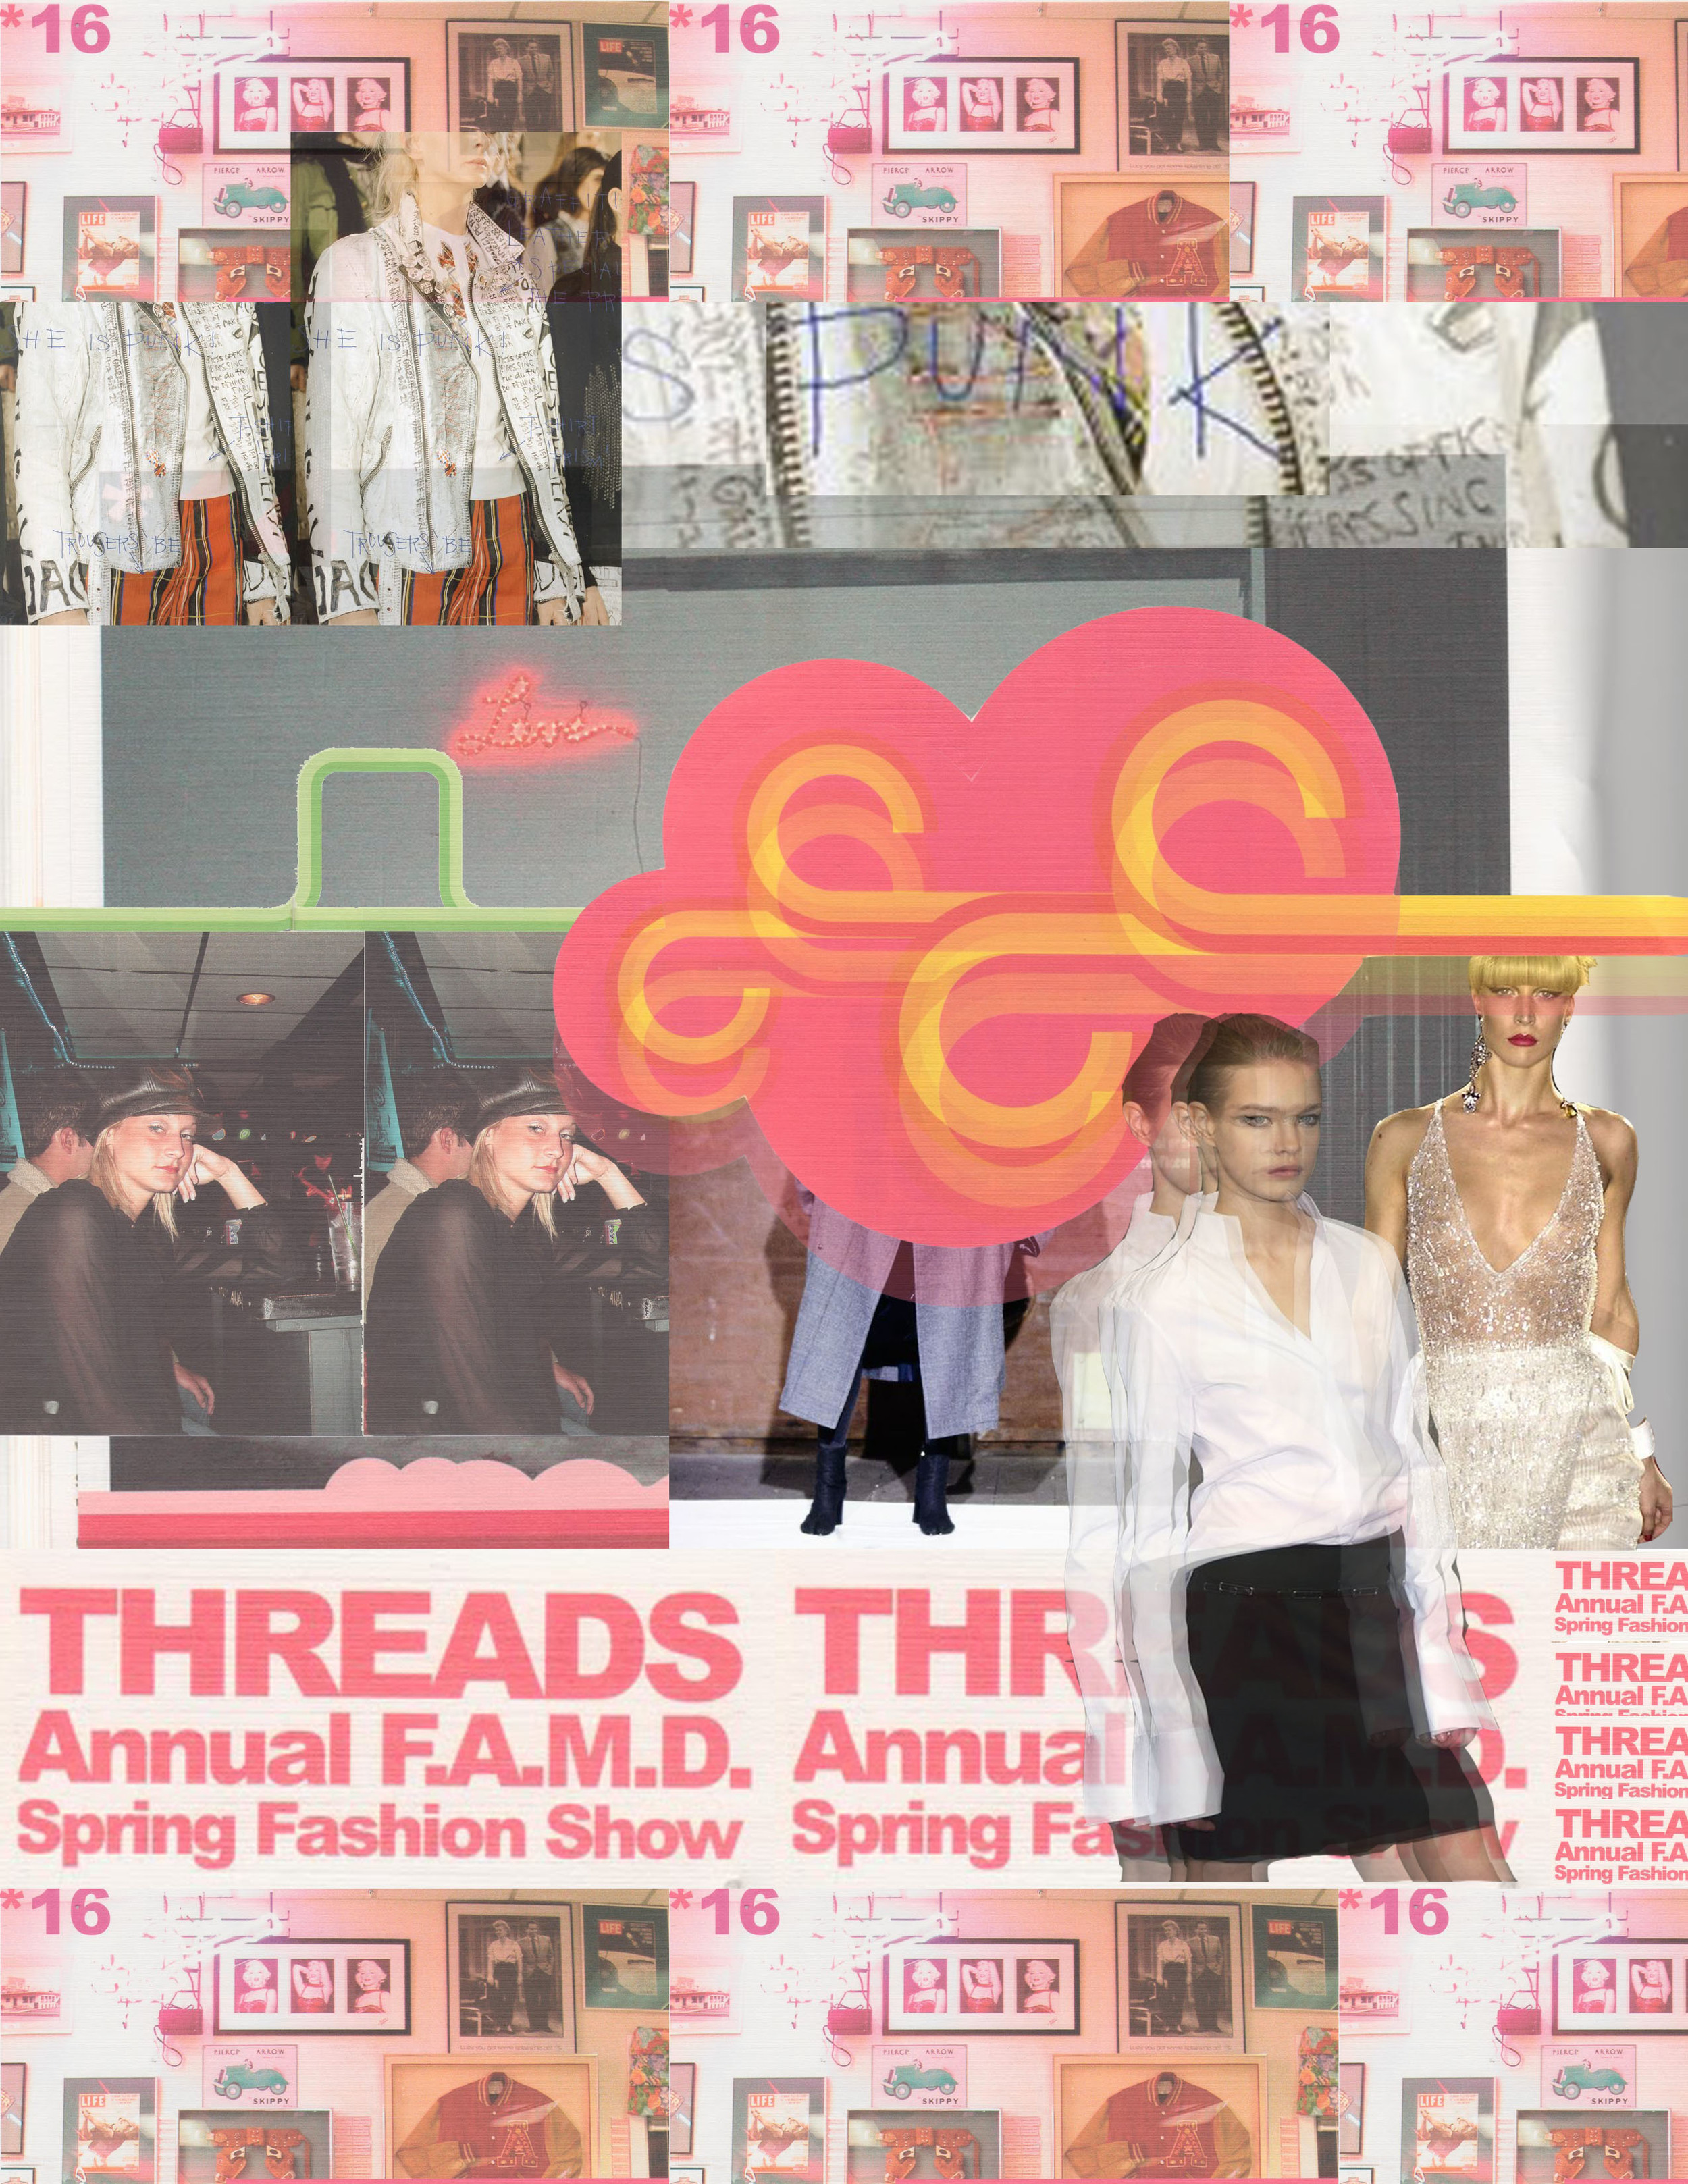 Threads 2003